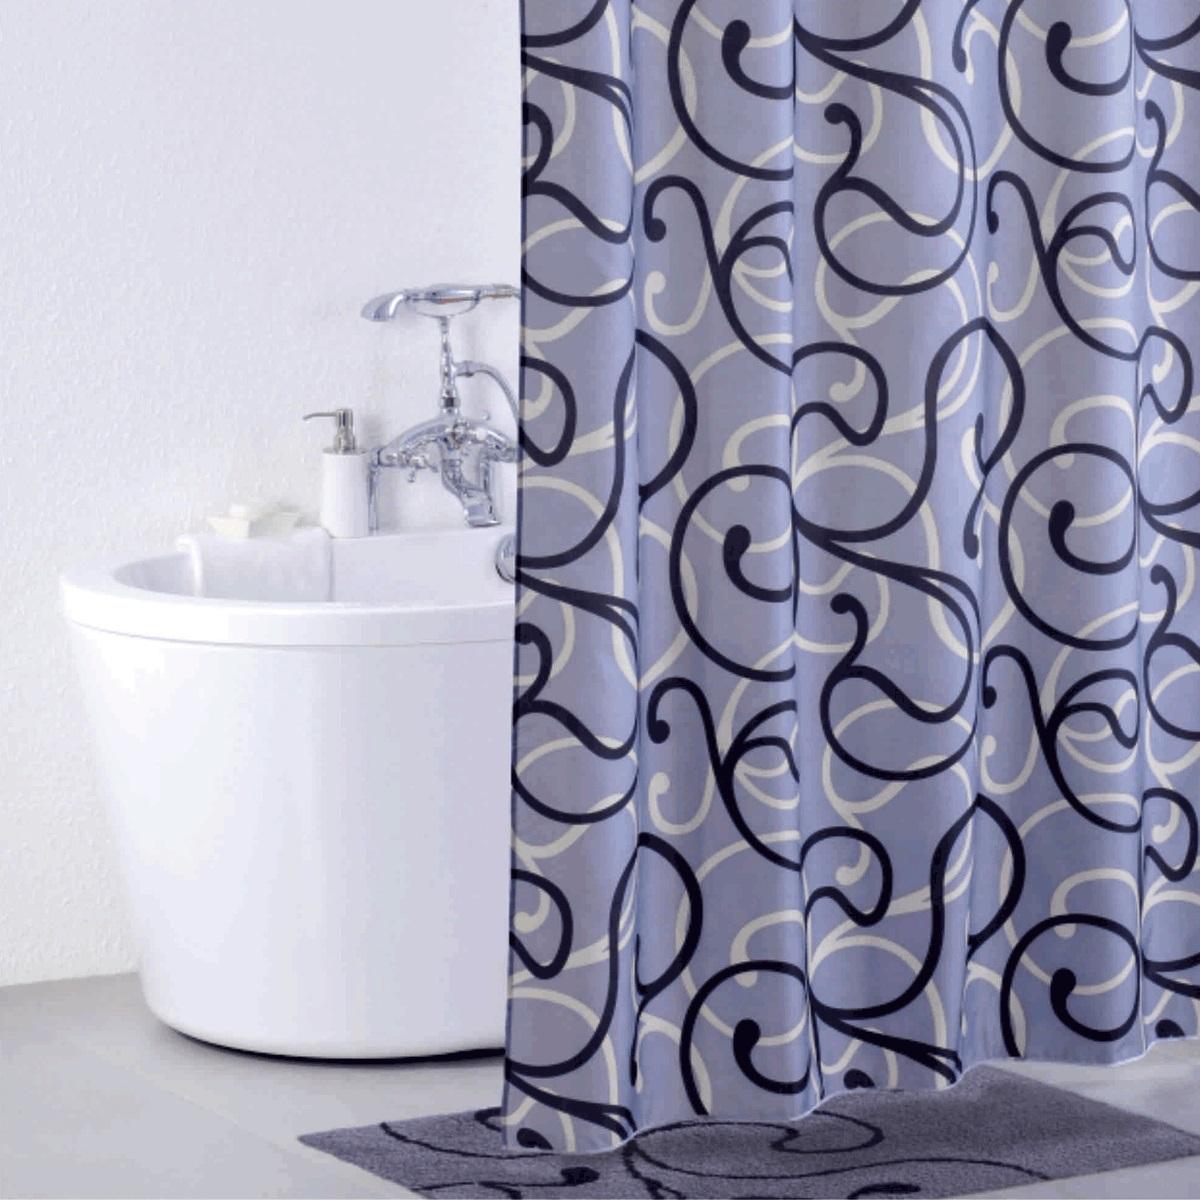 Штора для ванной Iddis Flower Lace Grey, цвет: серый, 200 x 200 см штора для ванной iddis blue butterfly цвет голубой 200 x 200 см